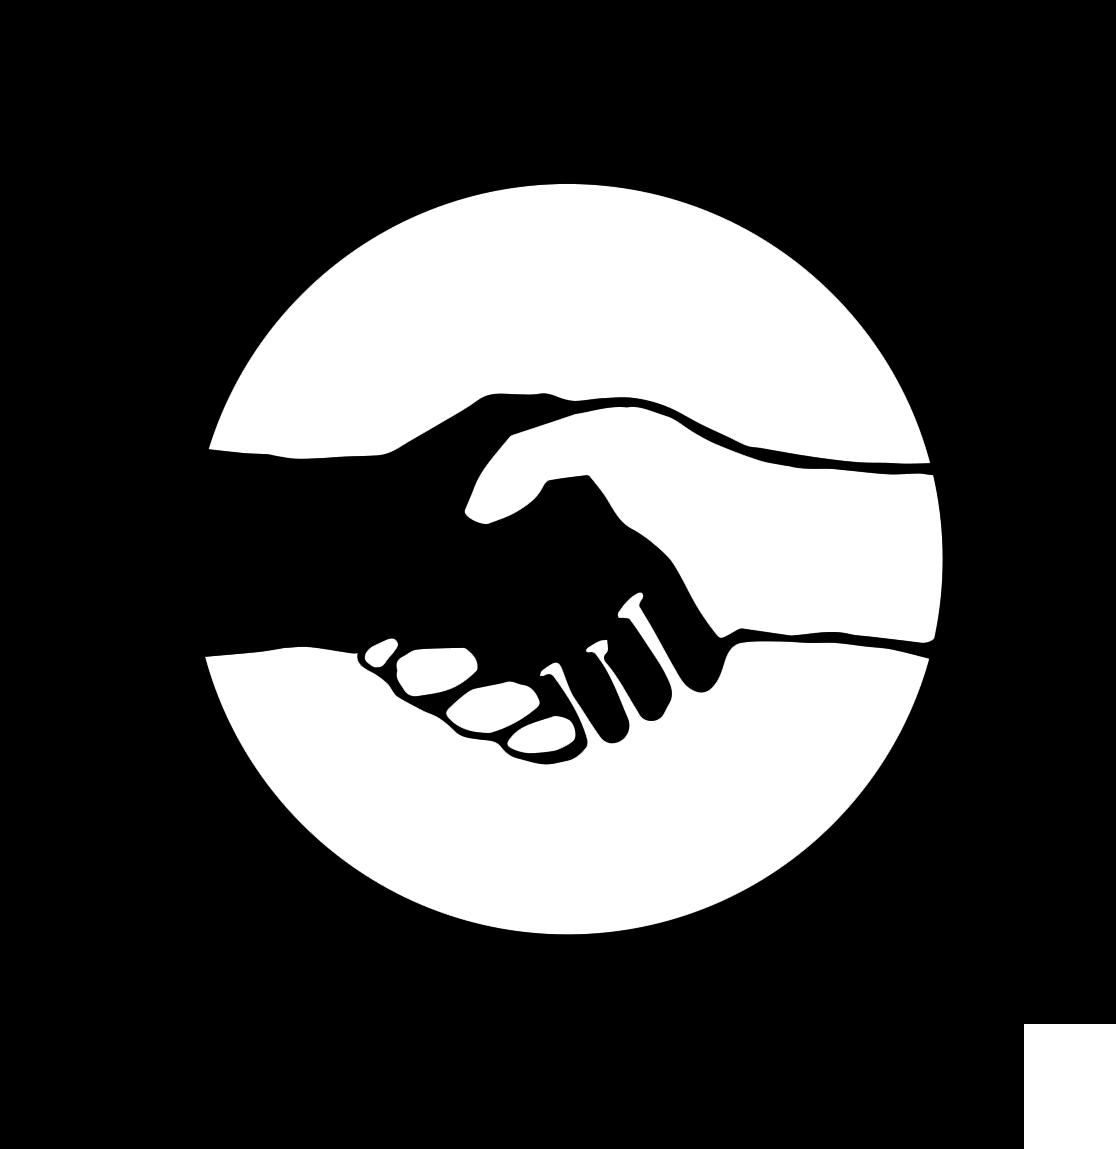 Civil Rights Movement Archive logo